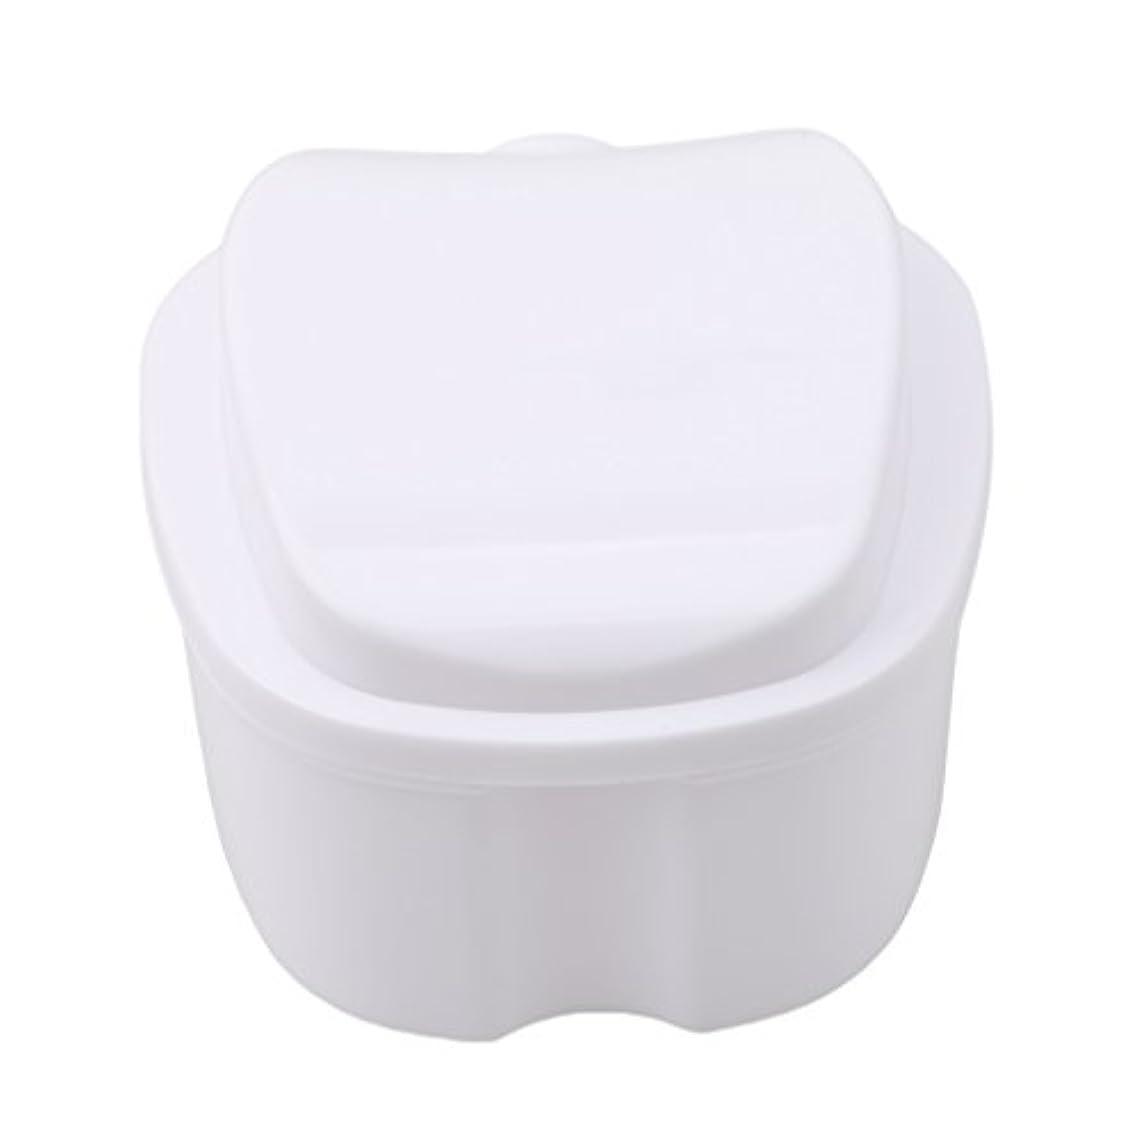 何故なの侵入する湿気の多いHonel 収納ボックス 義歯収納用 リテーナーケース りんご柄 ホワイト